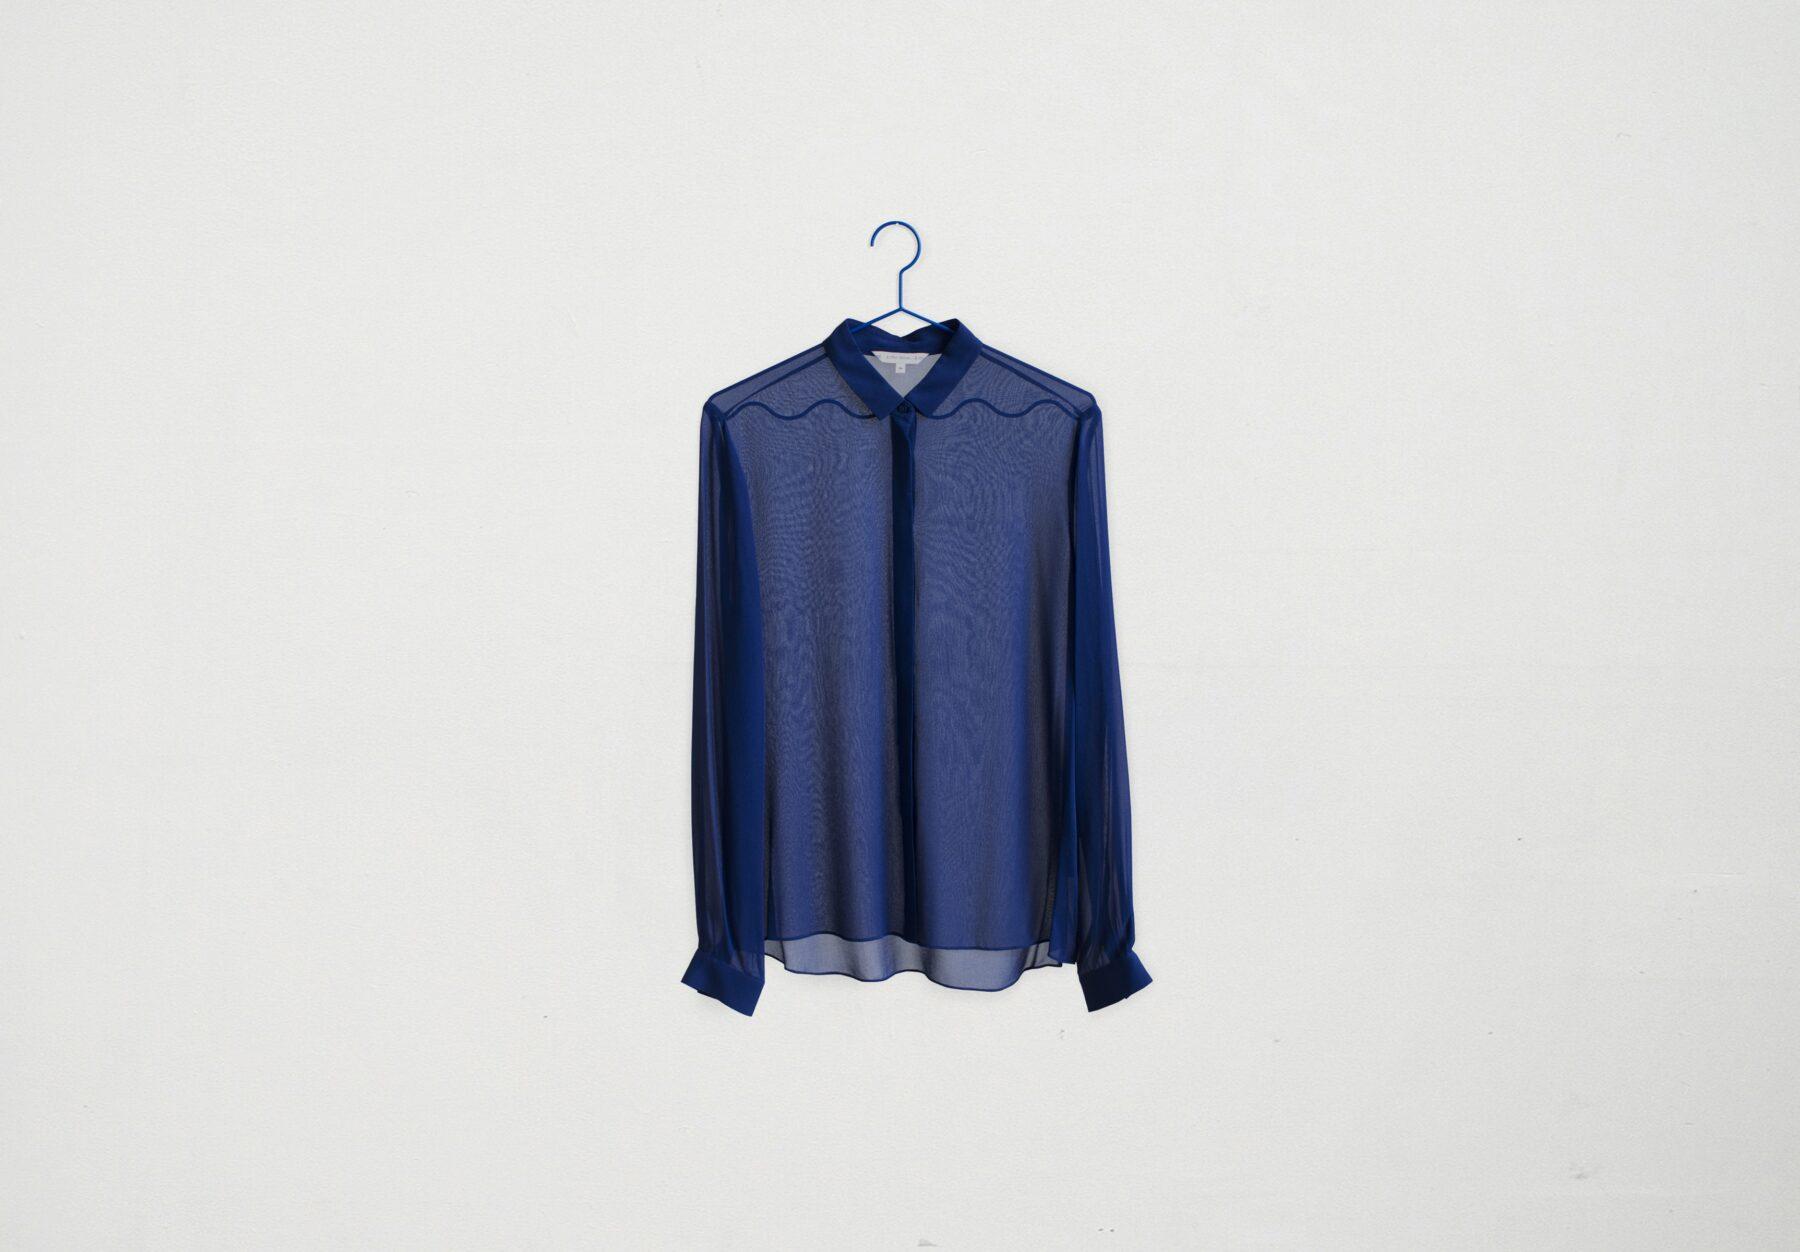 11_Blue_hanger